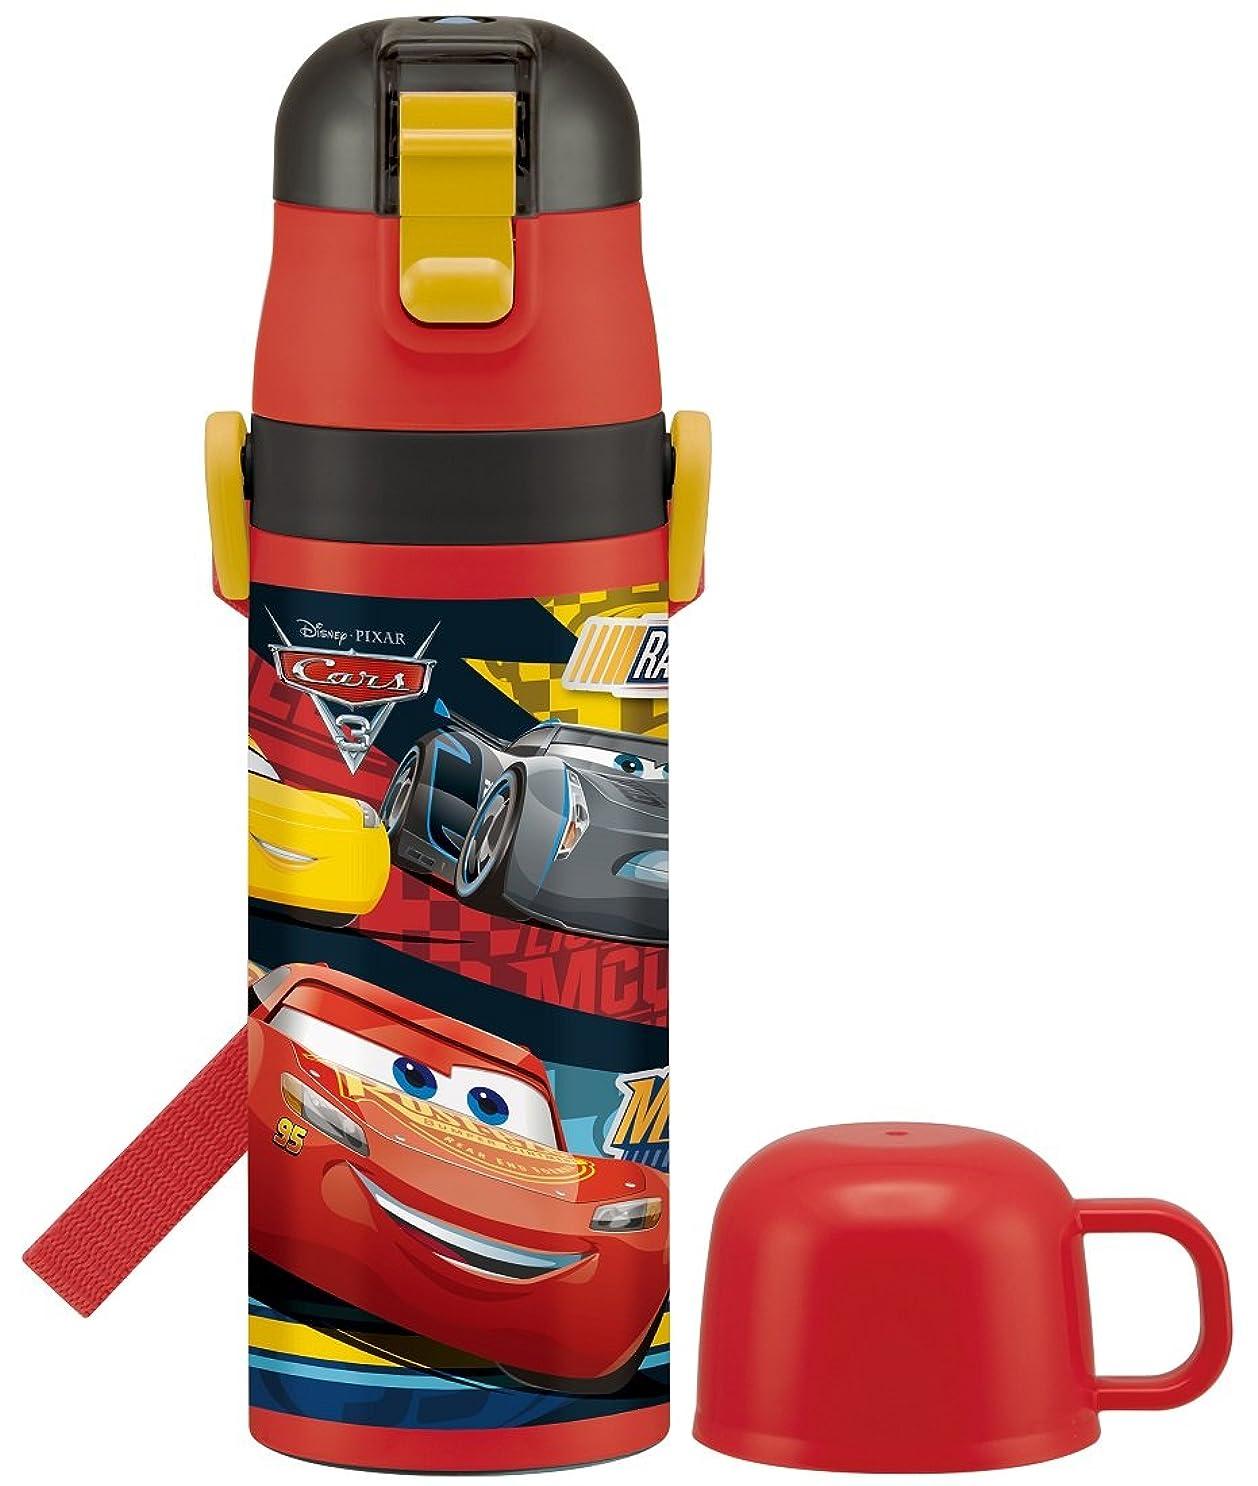 非常にラオス人つかいますスケーター 2WAY ステンレスボトル 水筒 コップ付き 470ml カーズ3 クロスロード ディズニー SKDC4